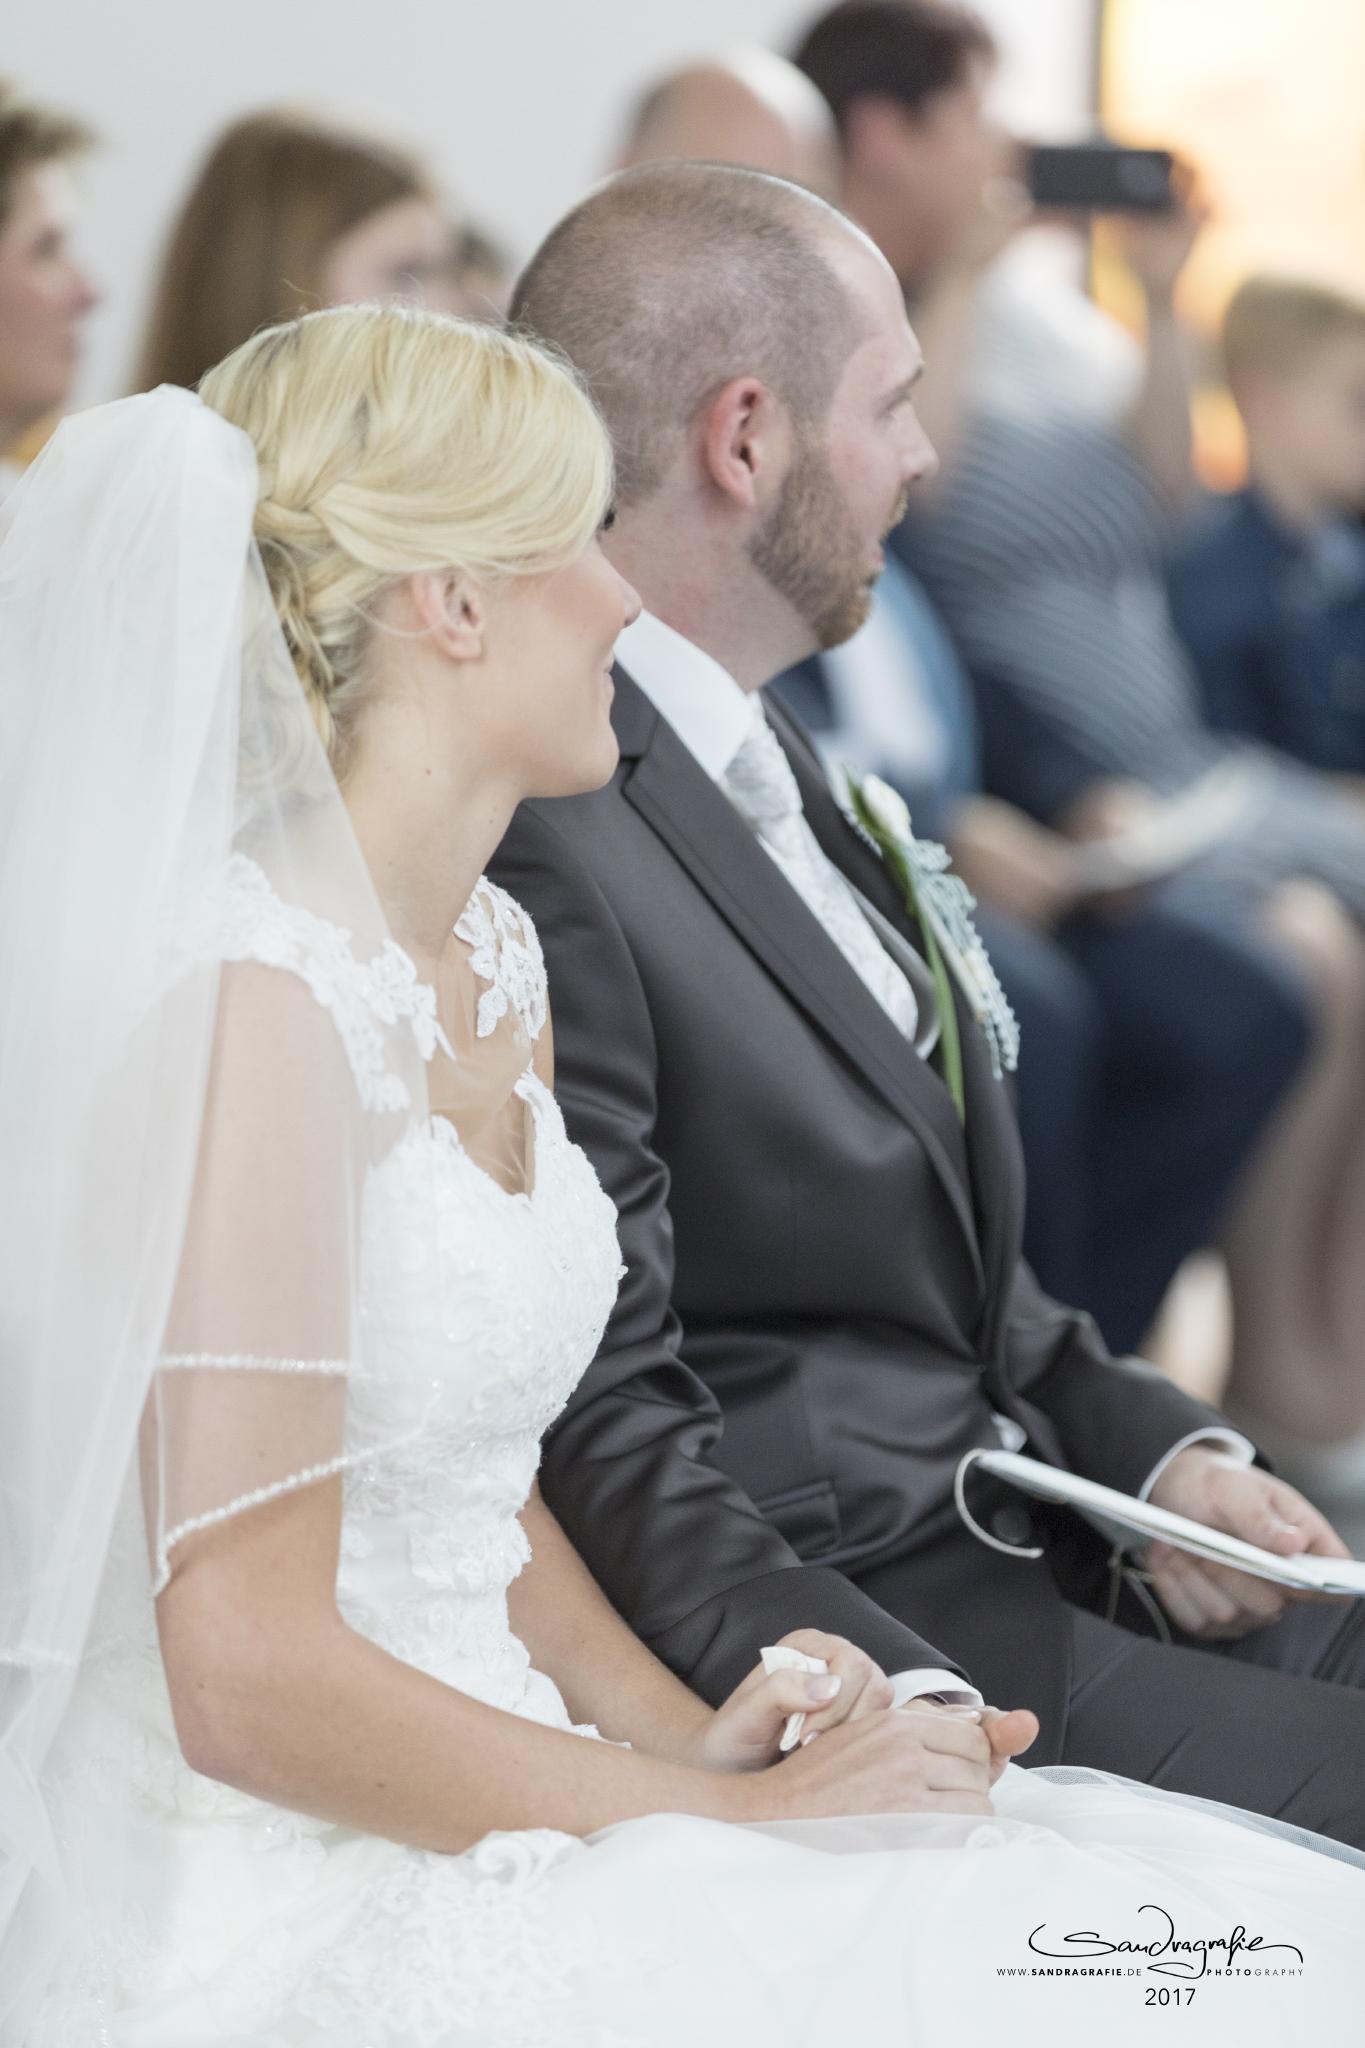 Verena & Andreas